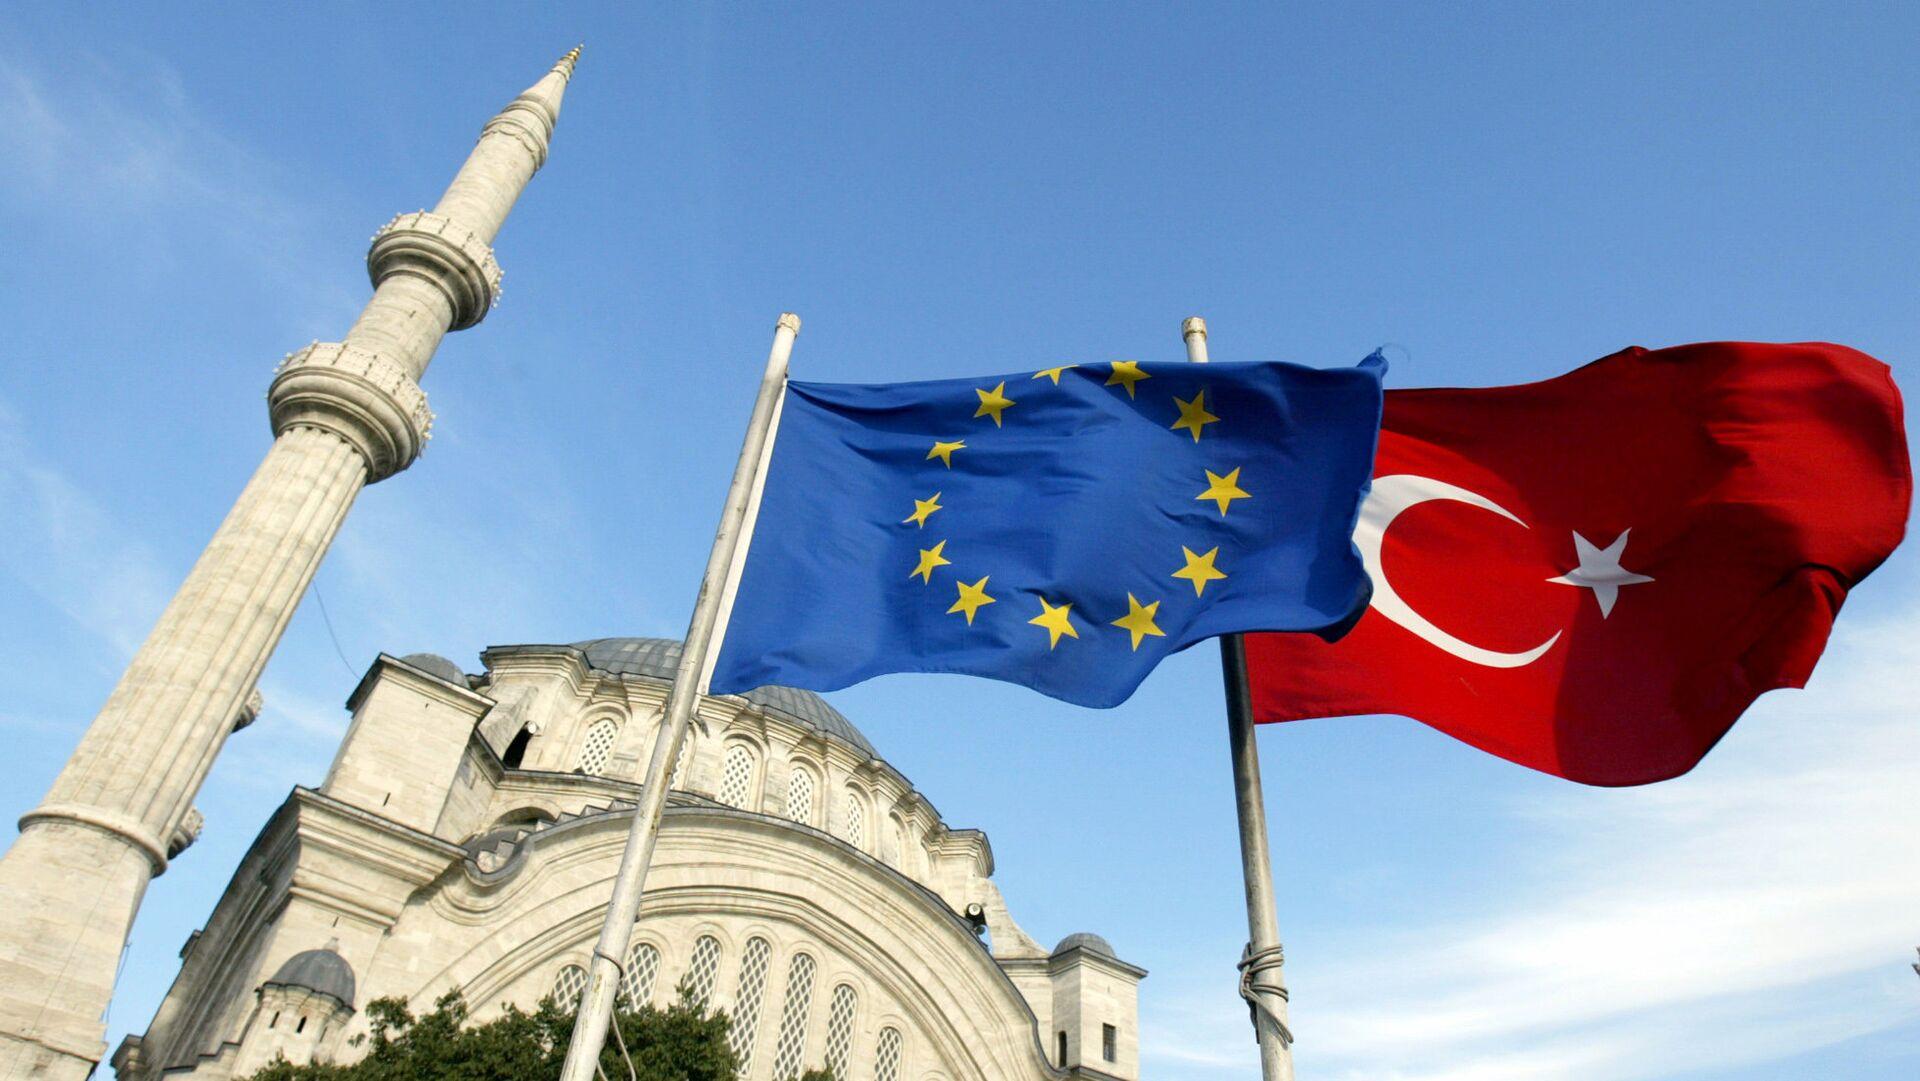 Флаги Турции и ЕС в Стамбуле, архивное фото - Sputnik Тоҷикистон, 1920, 22.04.2021